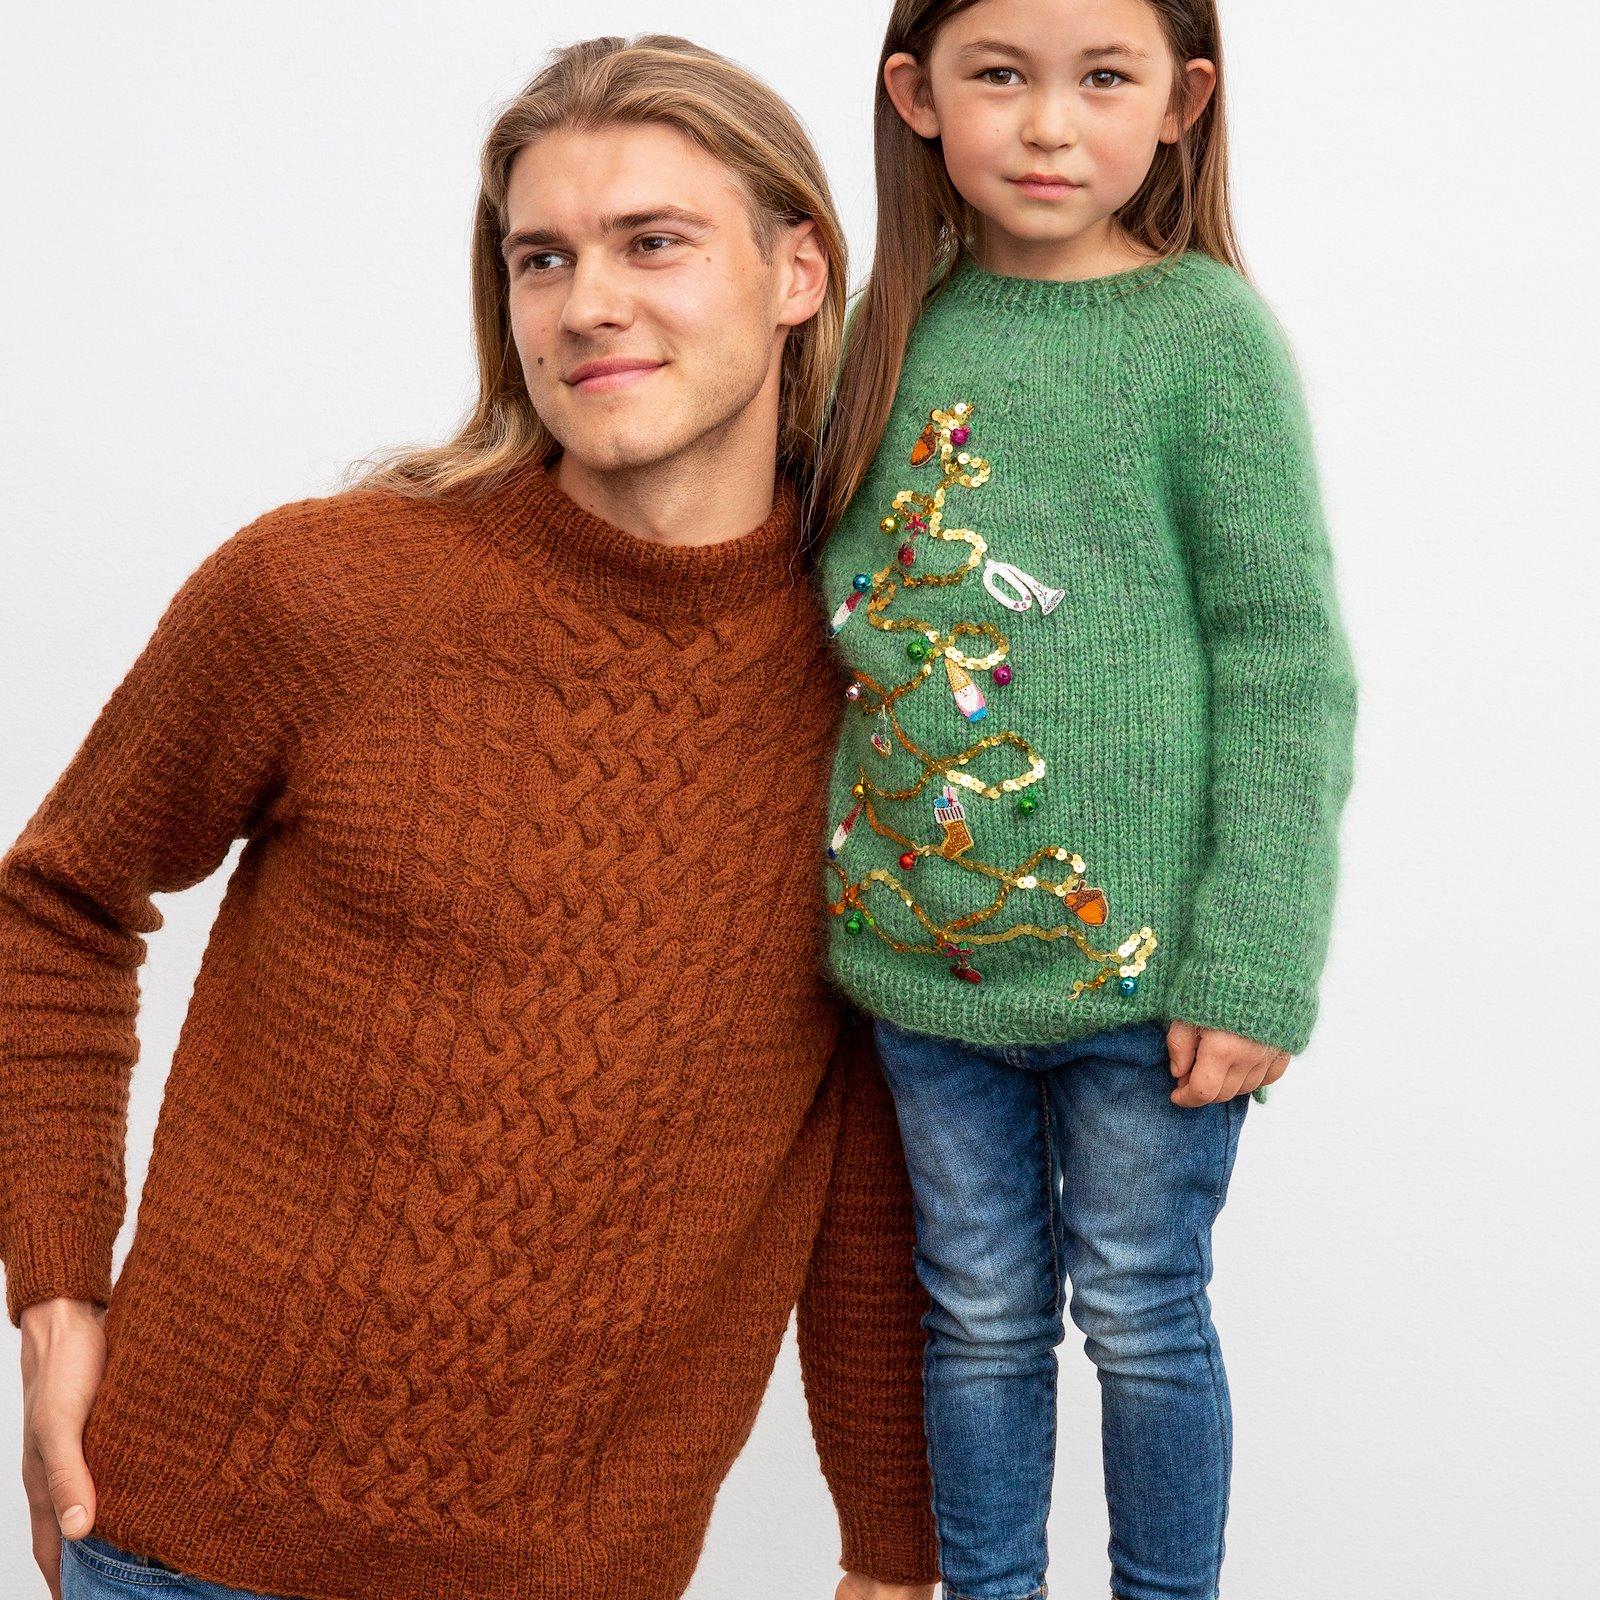 Ticklish Sweater FRAYA8002_90054745_FRAYA6023_90053598_90054947_96018_51004_bundle